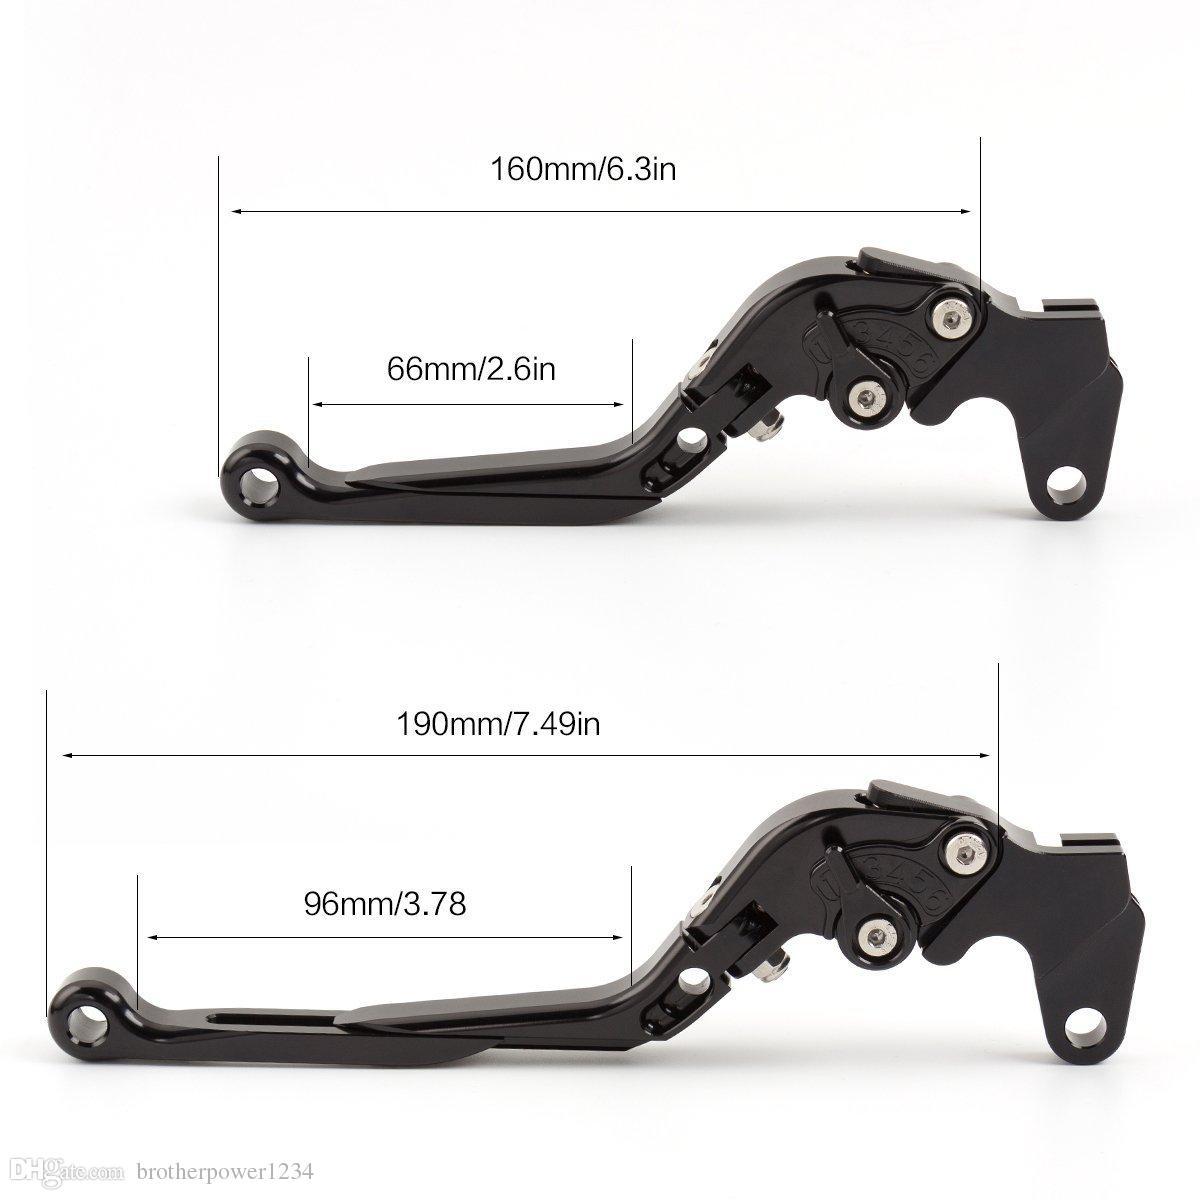 Palancas de embrague de freno extensibles ajustables para DUCATI Diavel Carbon XDiavel S1199 Panigale Tricolor 899 1299 R959 MONSTER 1200